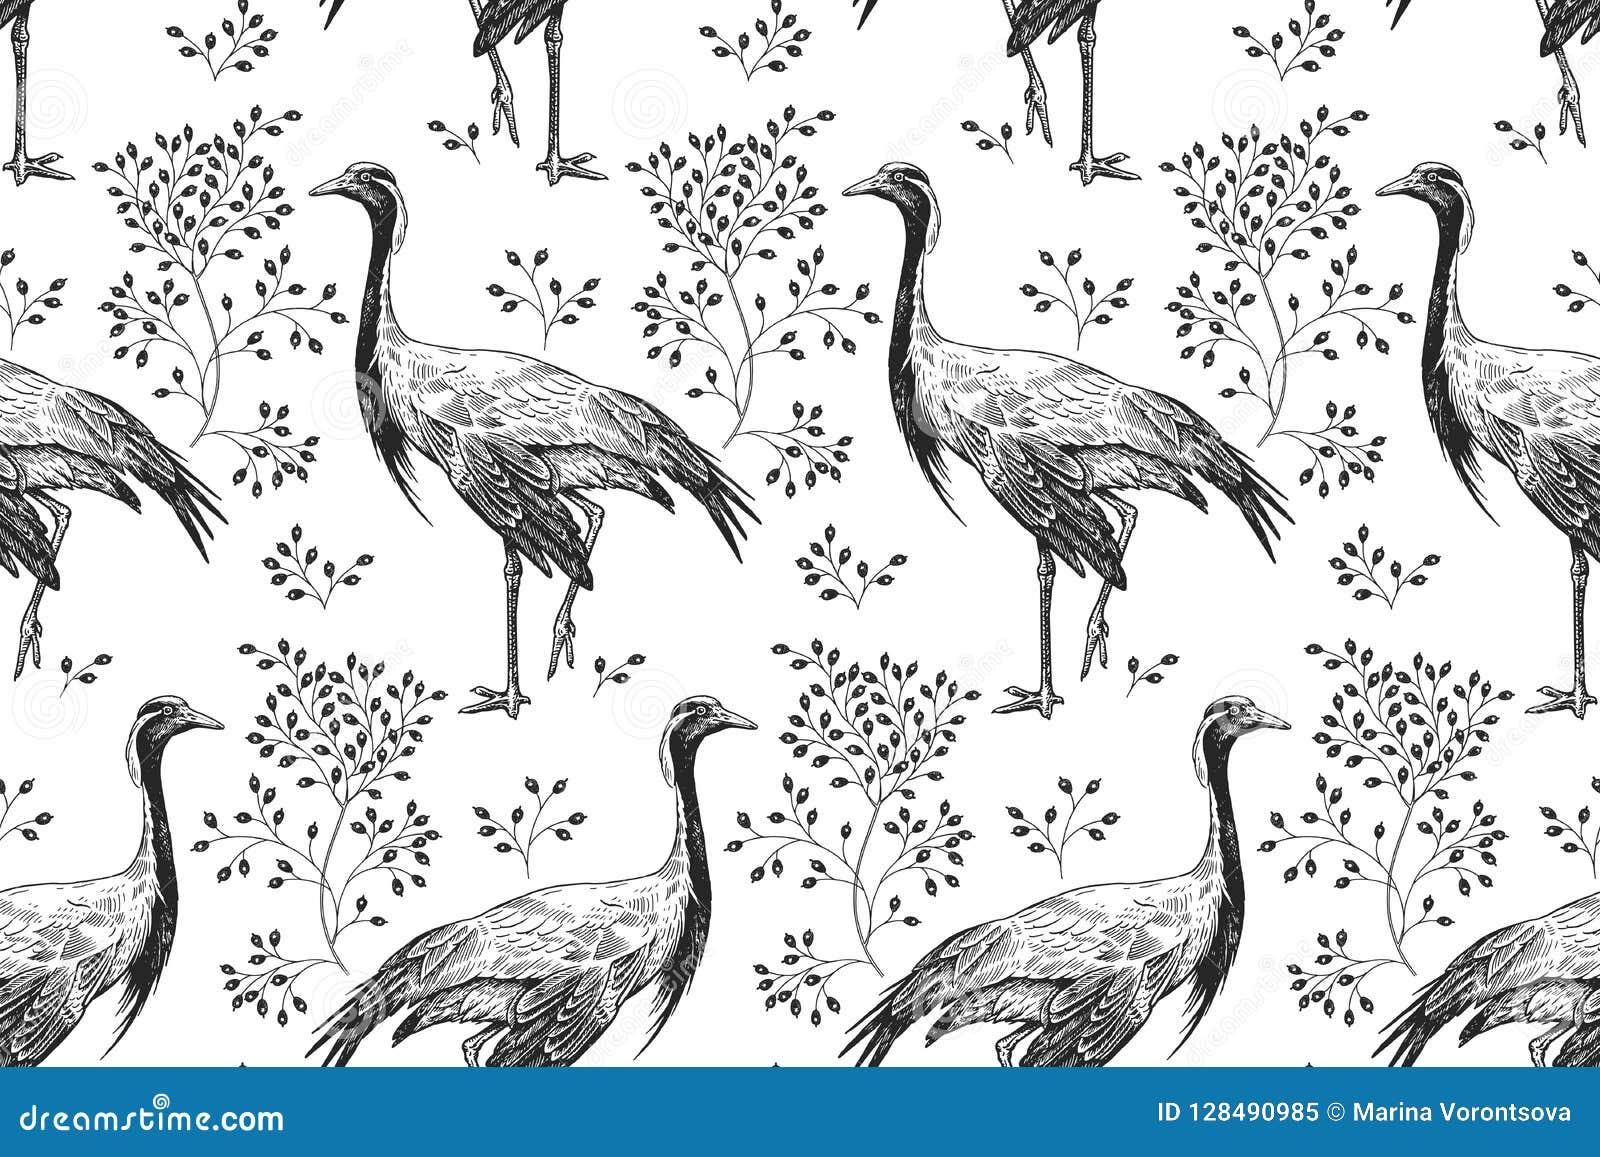 Vintage Feather Birds 1 Black  1 White